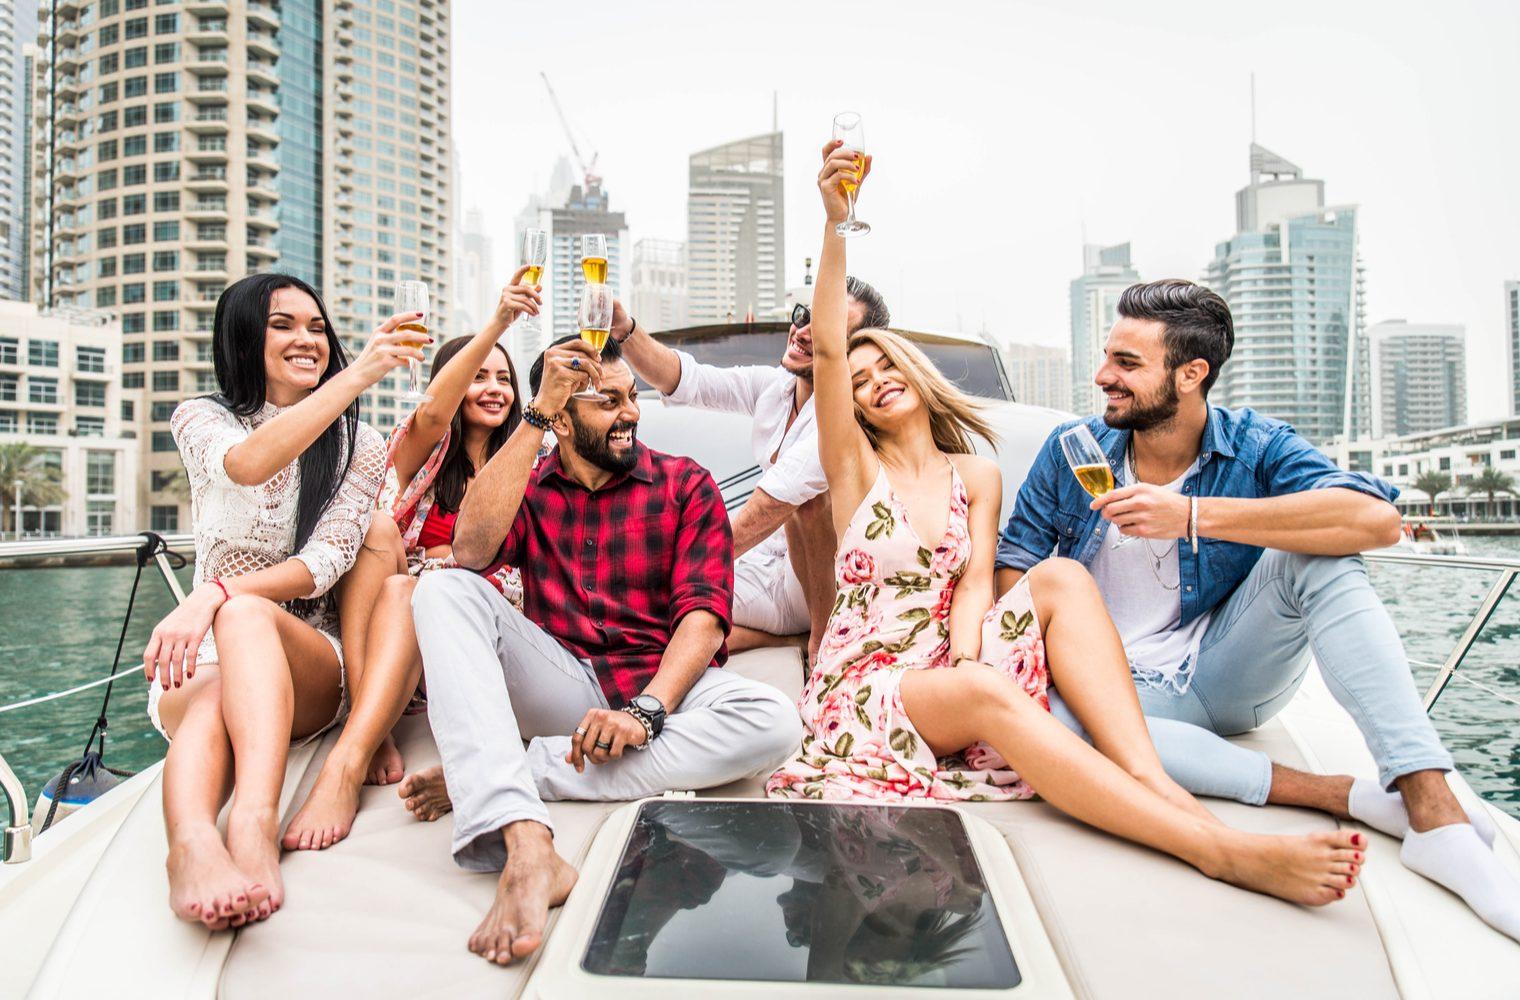 Dubai organizará el primer encuentro de Bitcoin Cash de la ciudad el sábado